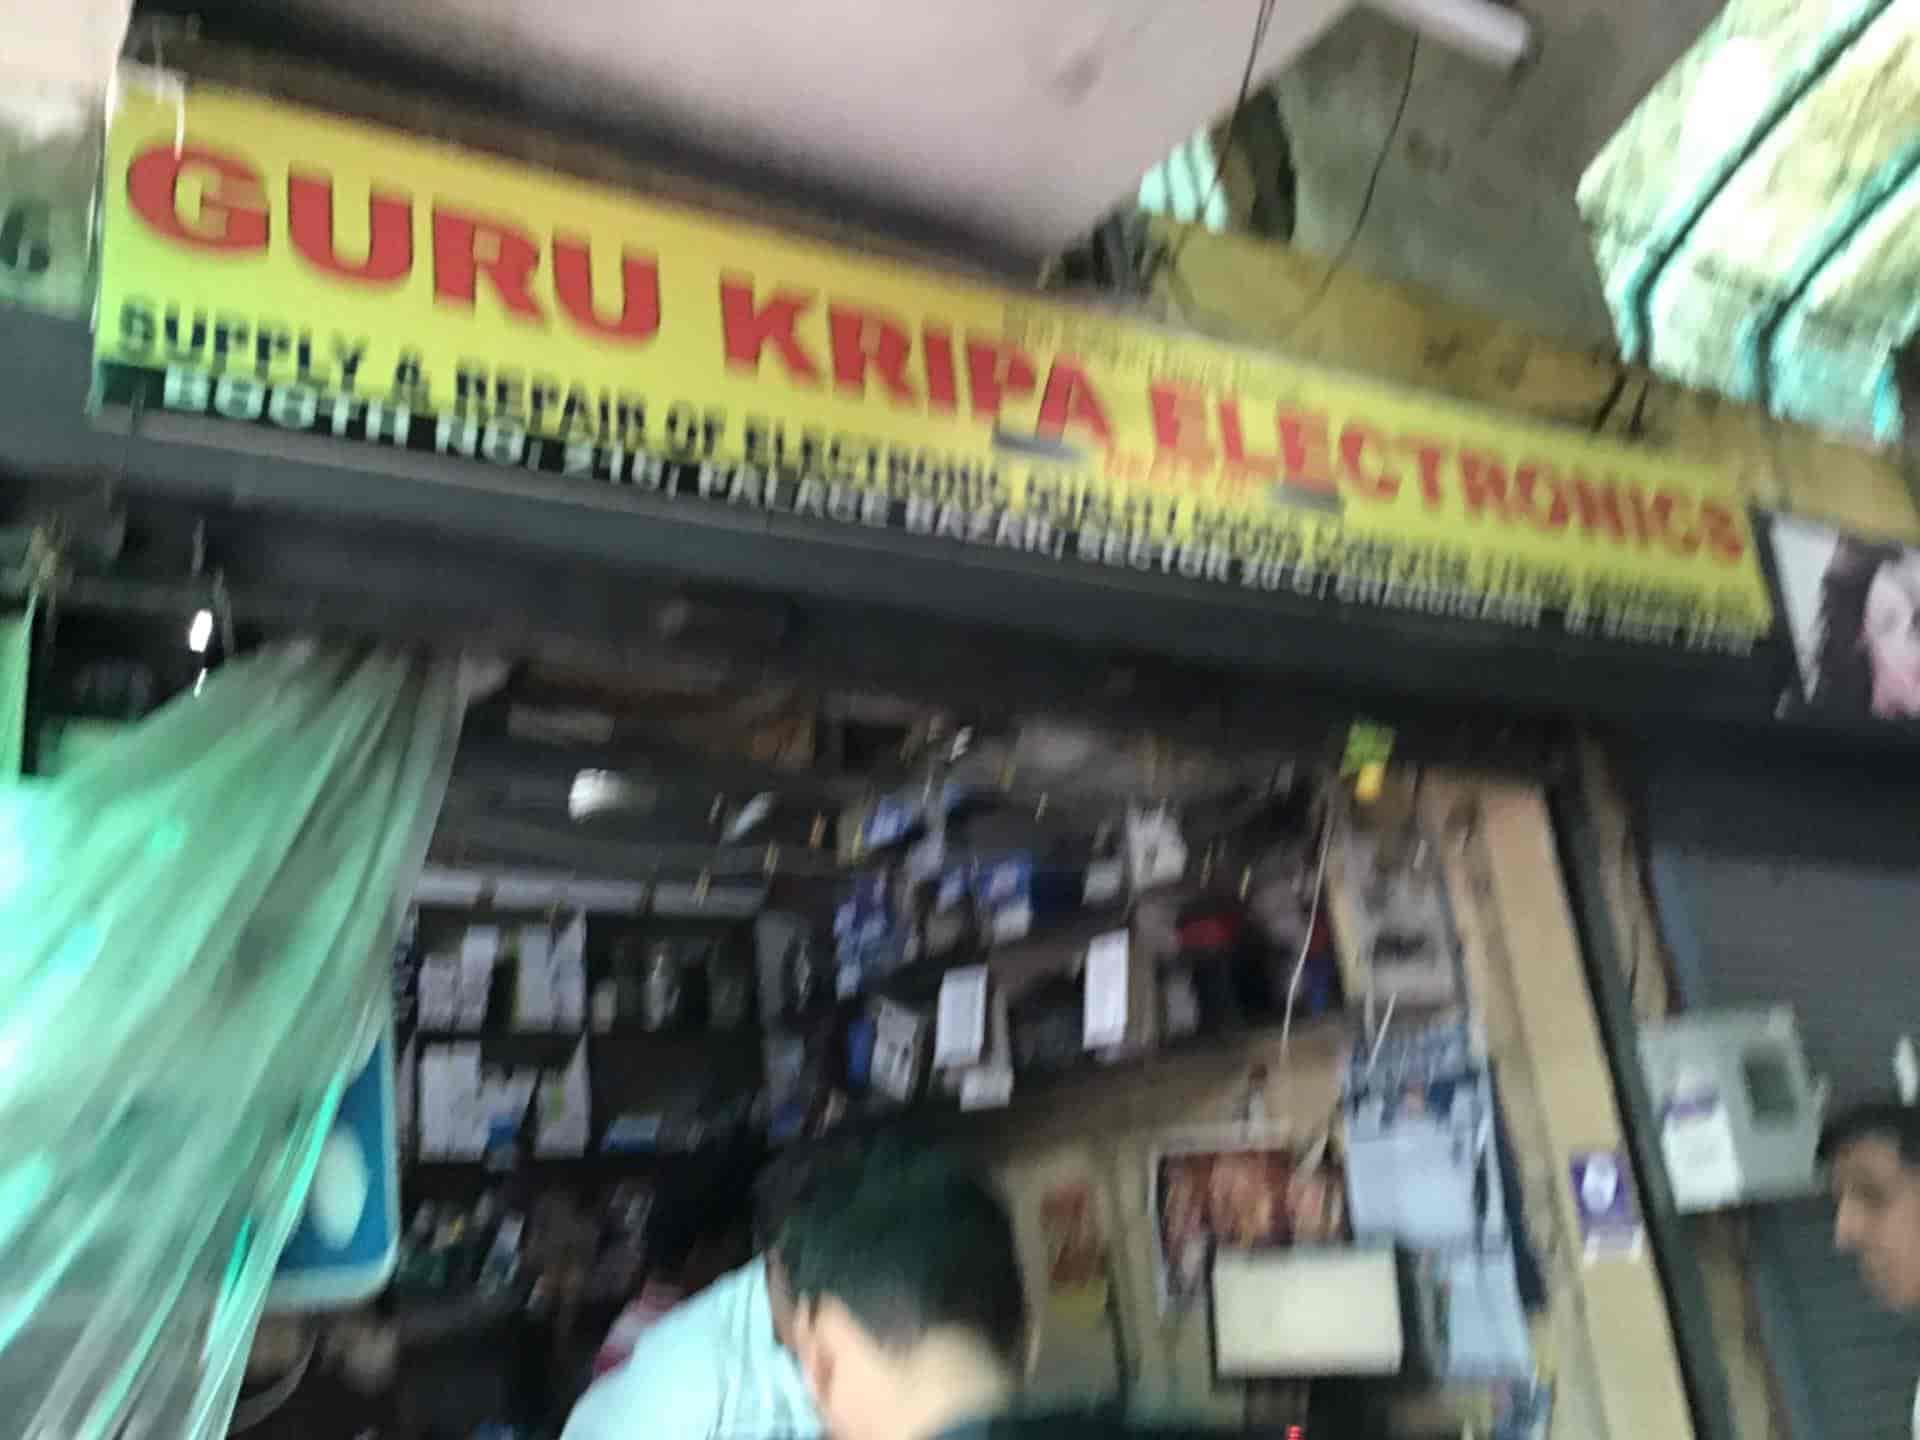 Guru Kripa Electronics, Chandigarh Sector 20c - Electronic